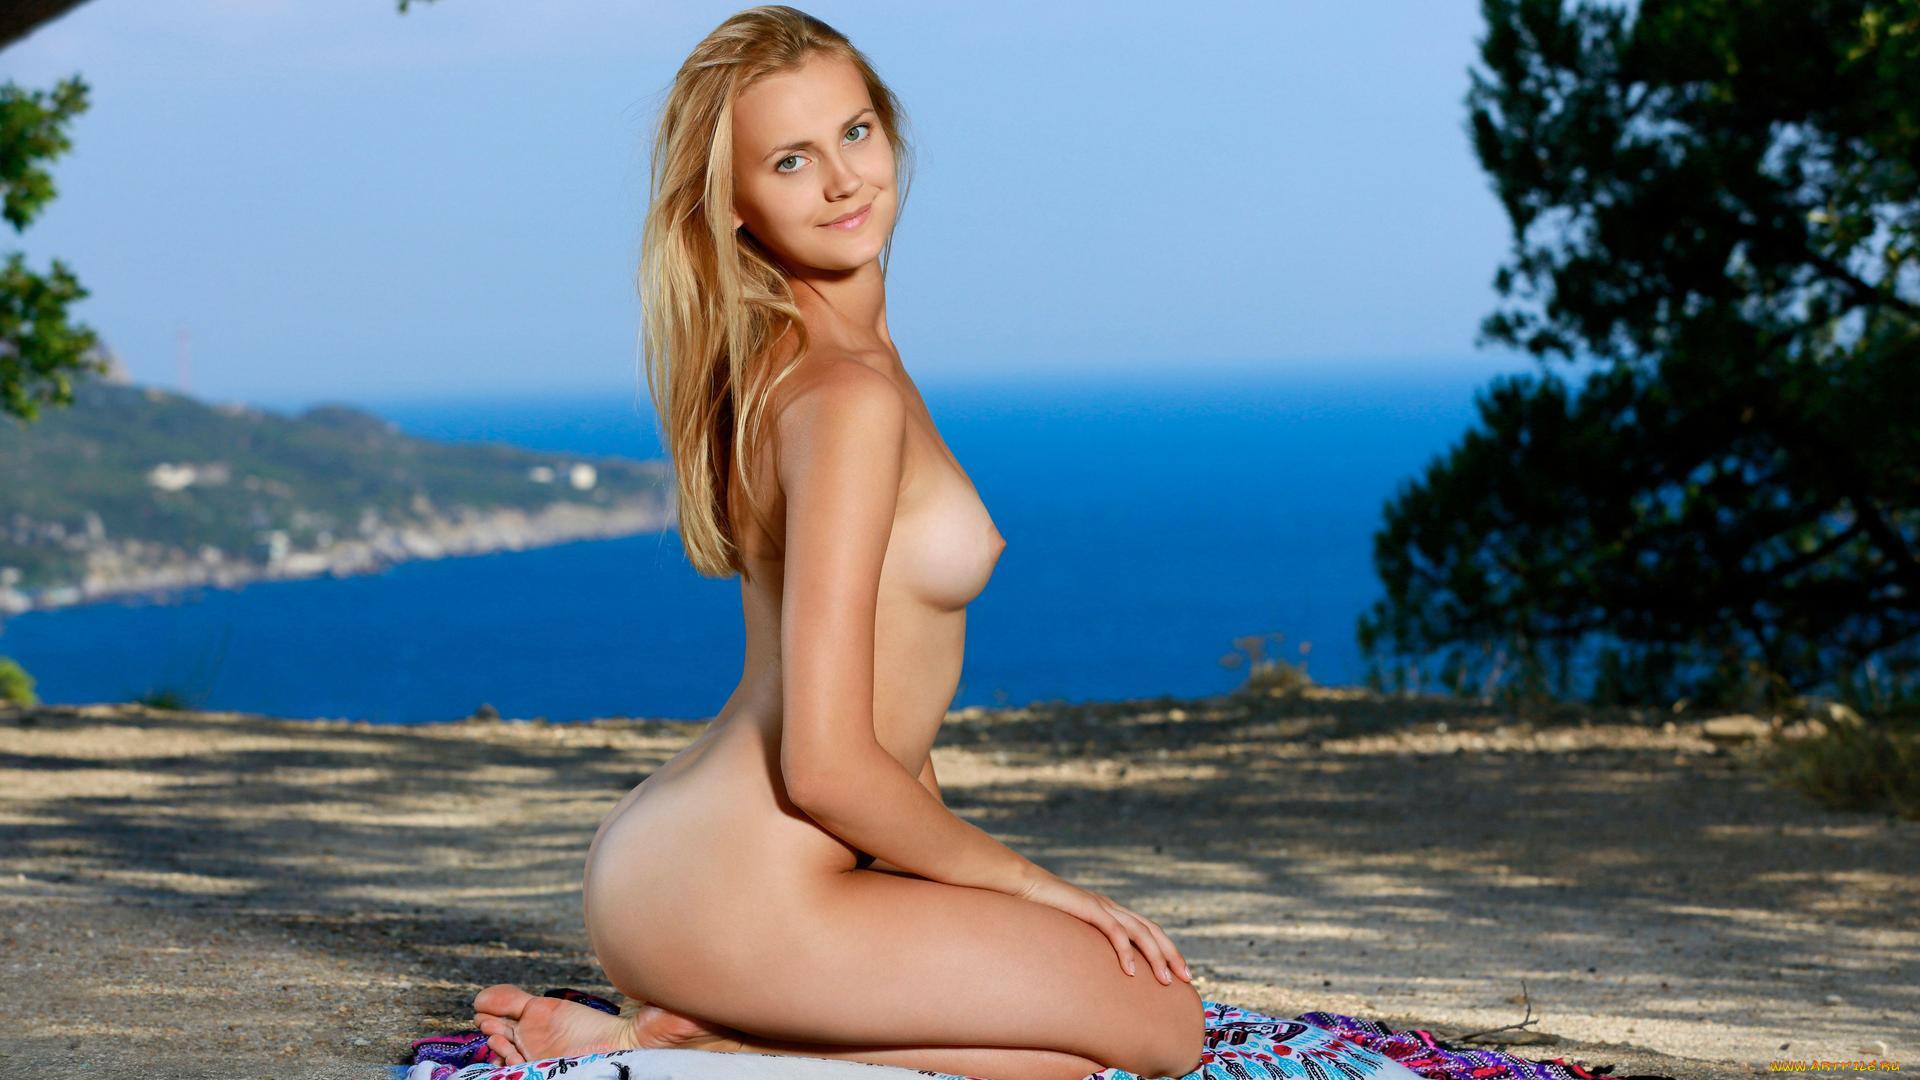 Девушка голи картинка